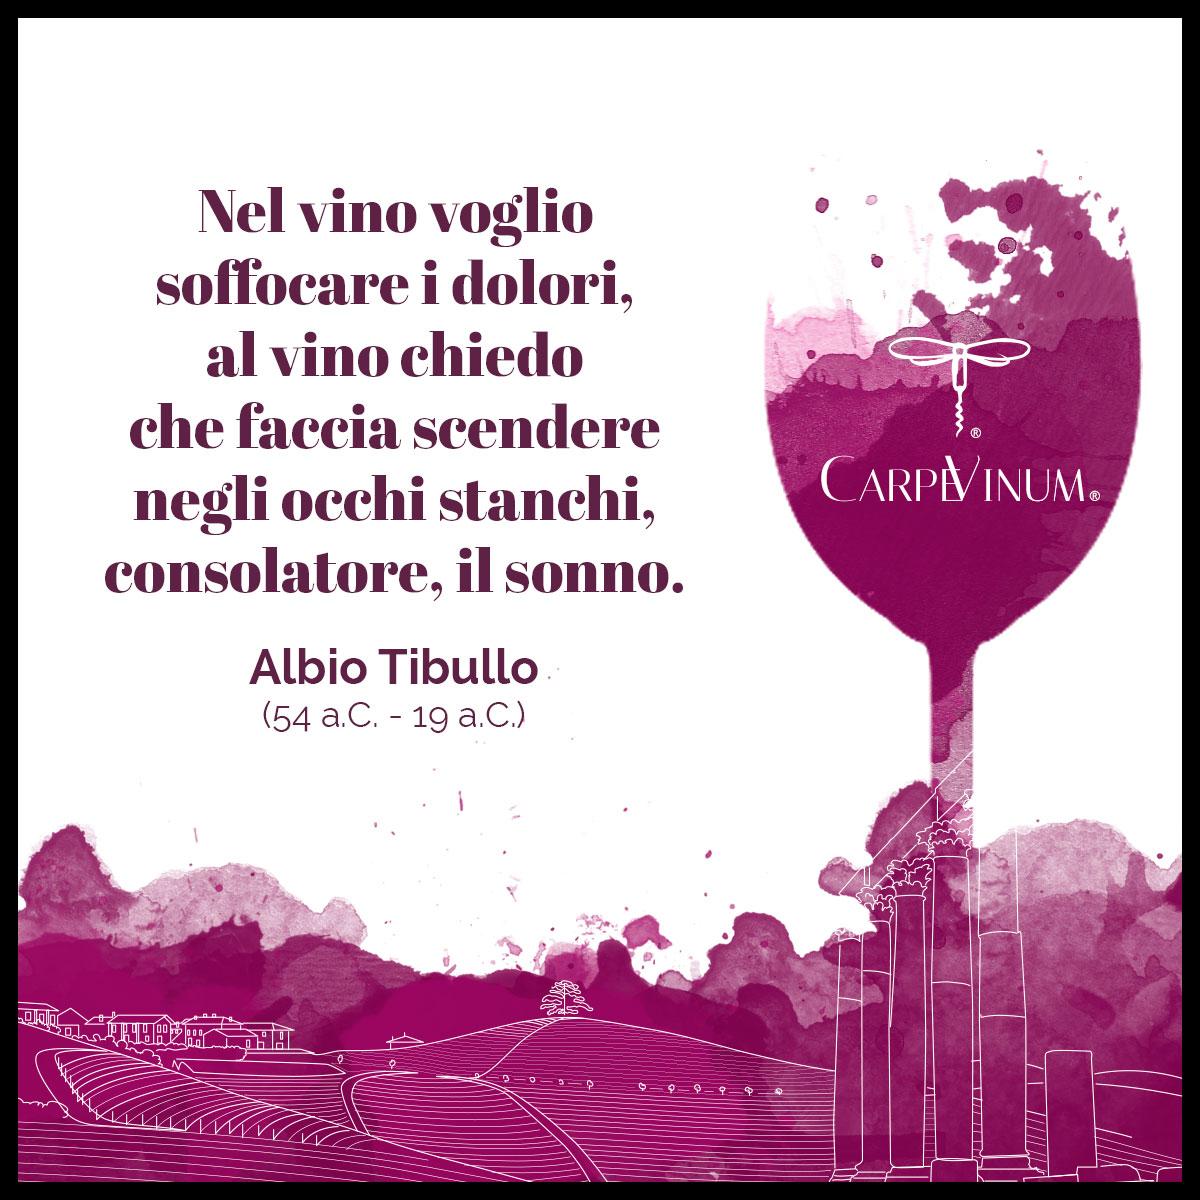 citazione di Albio Tibullo